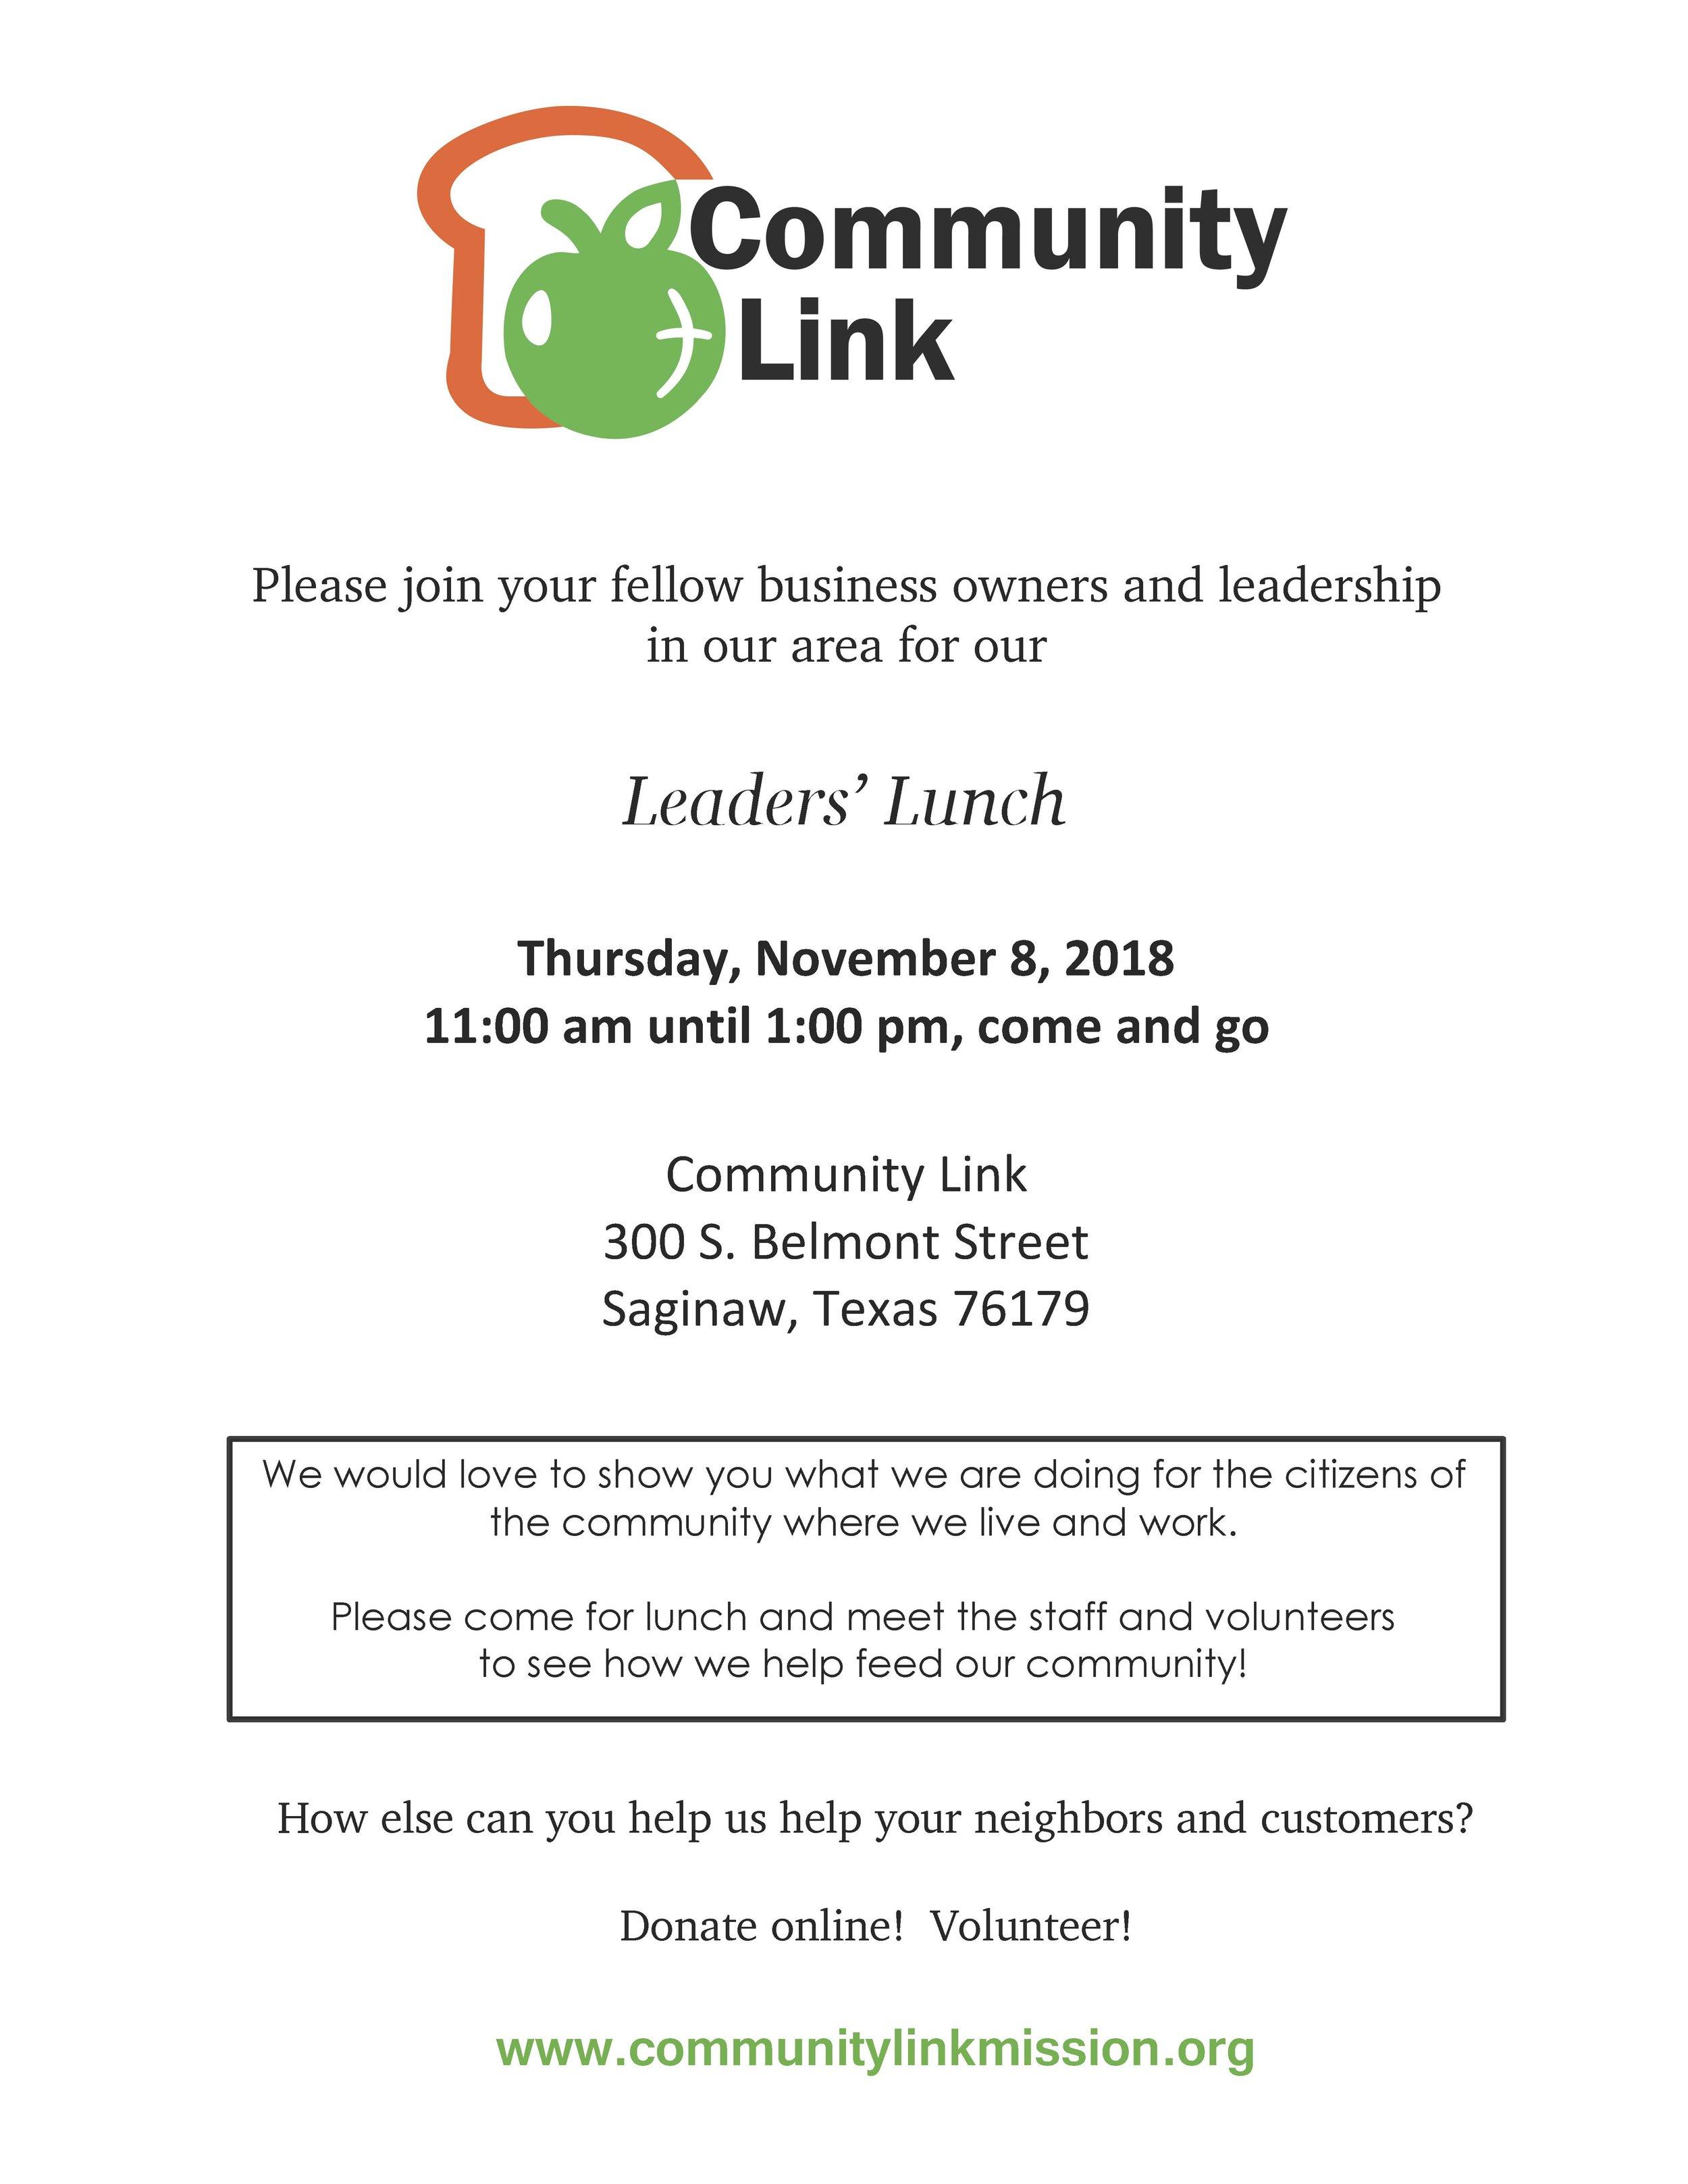 Leaders lunch invite.jpg